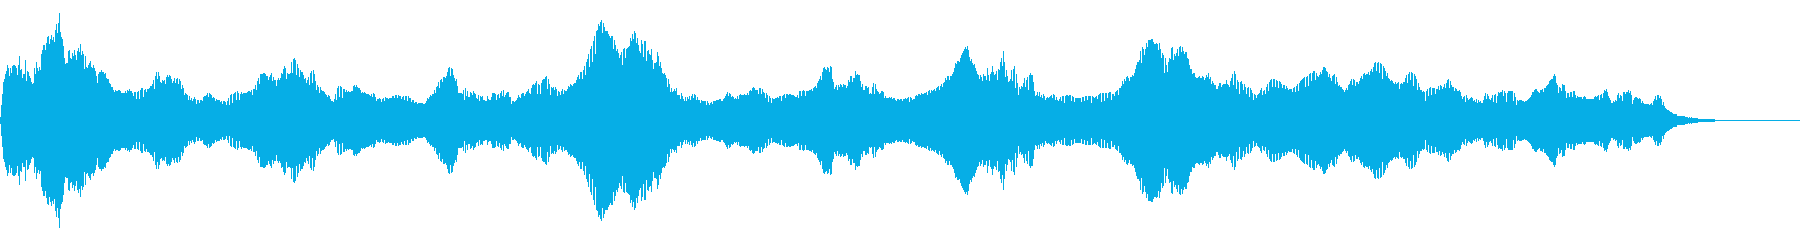 ホラードローンホーンティングローエ...の再生済みの波形